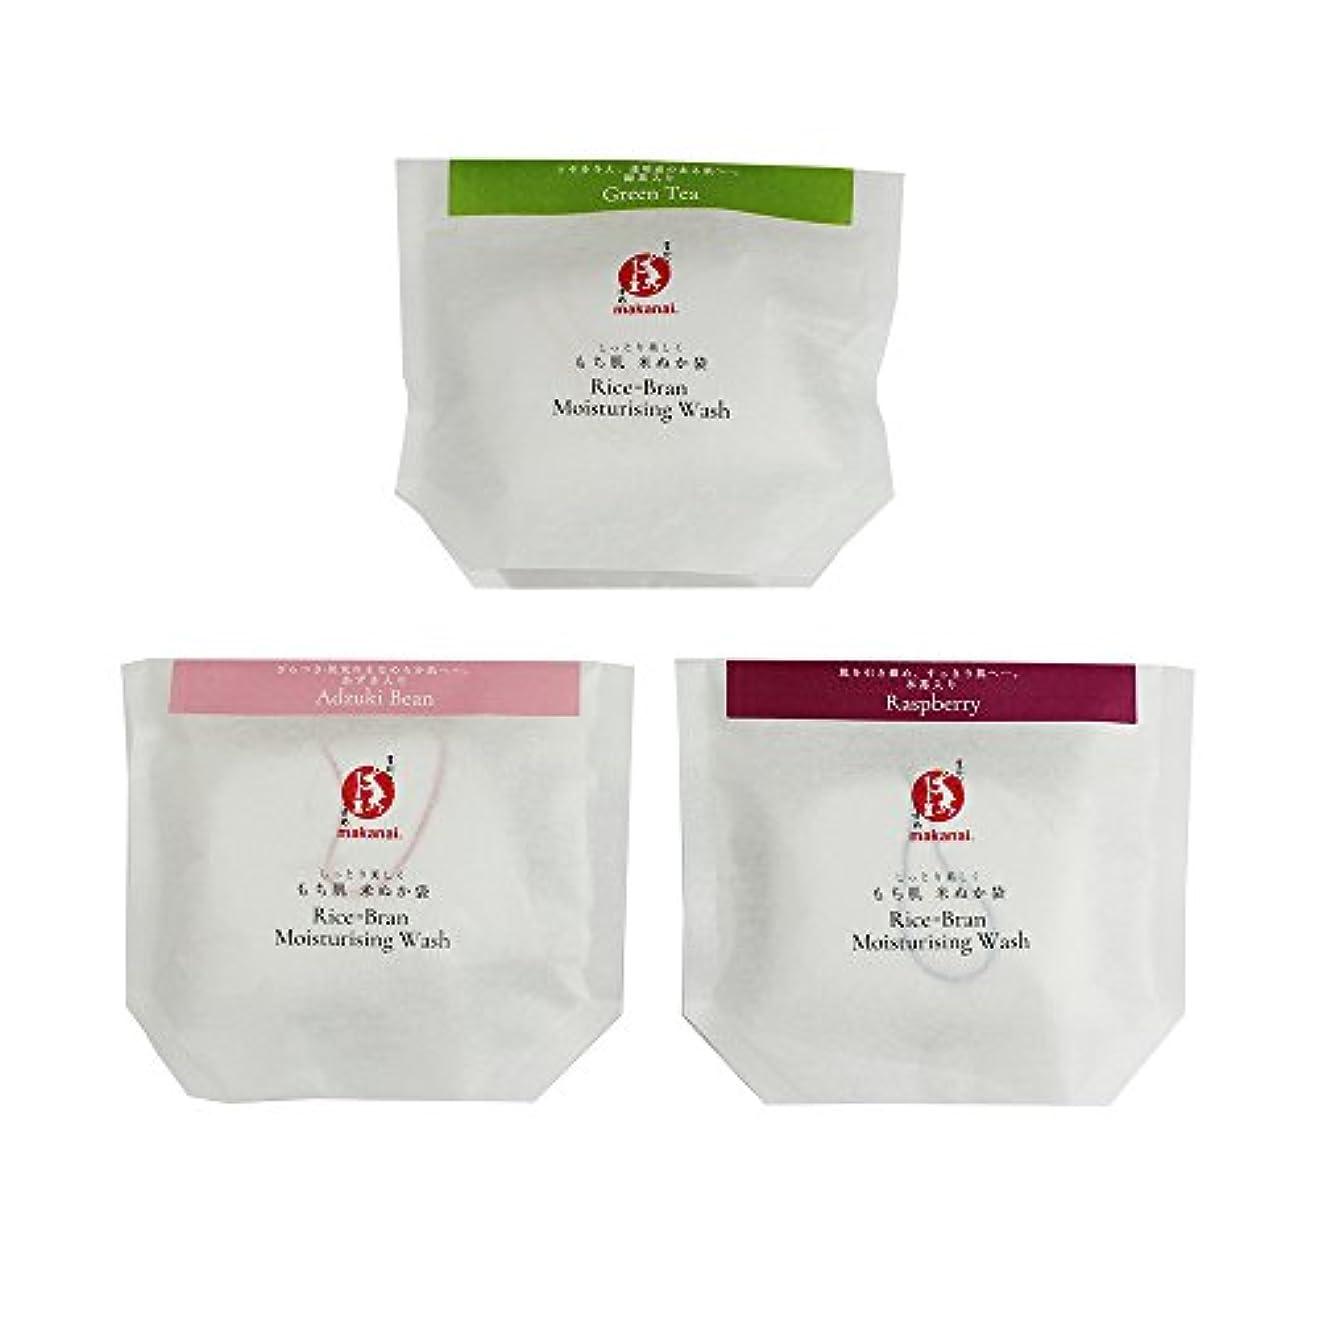 集中的な差別的うれしいまかないこすめ もち肌米ぬか袋3種セット(緑茶?木苺?あずき)